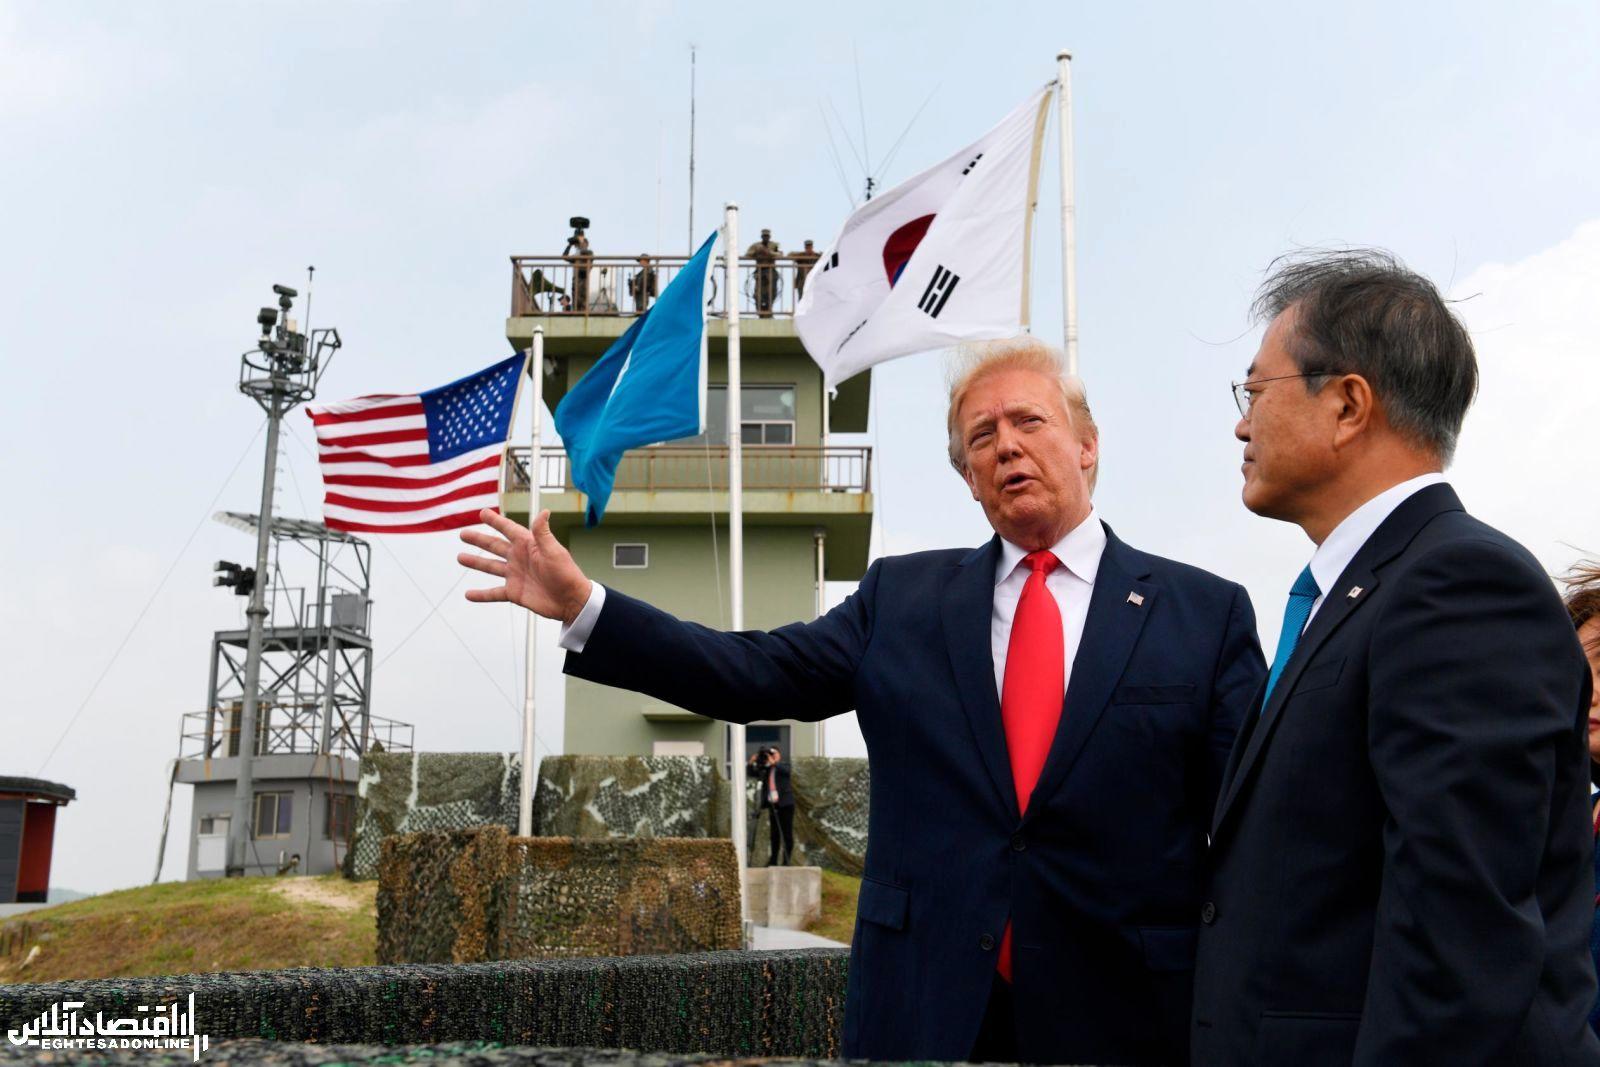 دیدار ترامپ و کیم جونگ اون در خاک کره شمالی